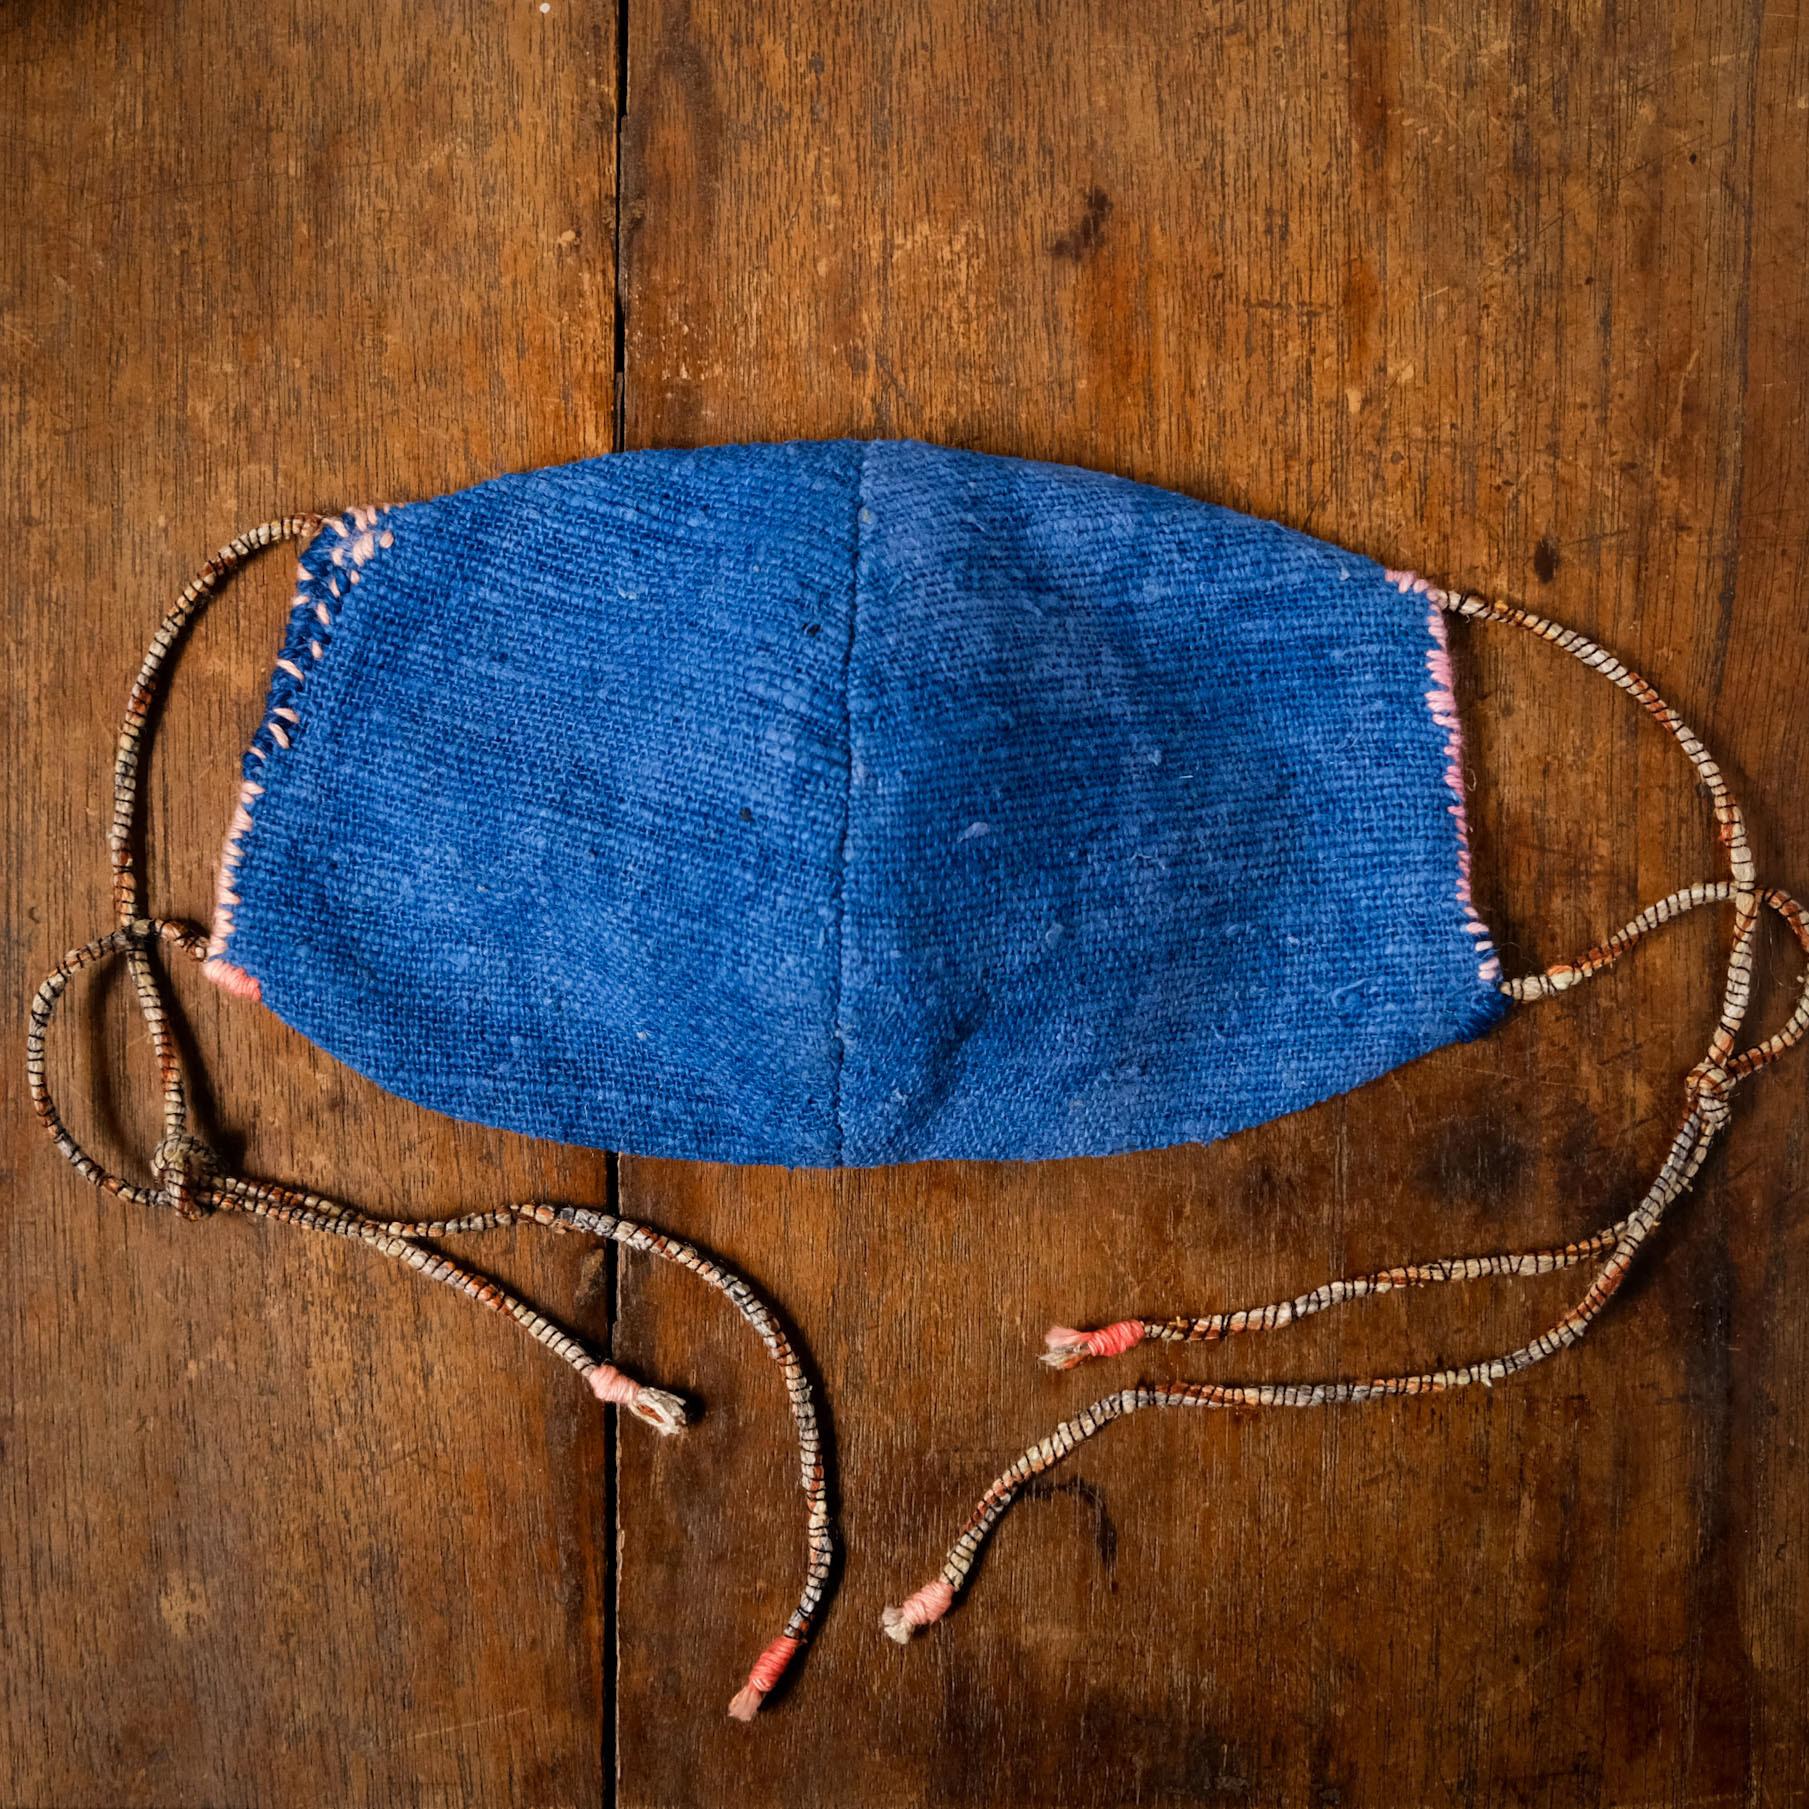 「さんご」藍染手紡ぎ手織り綿と竹布の手縫いマスク レギュラーサイズ